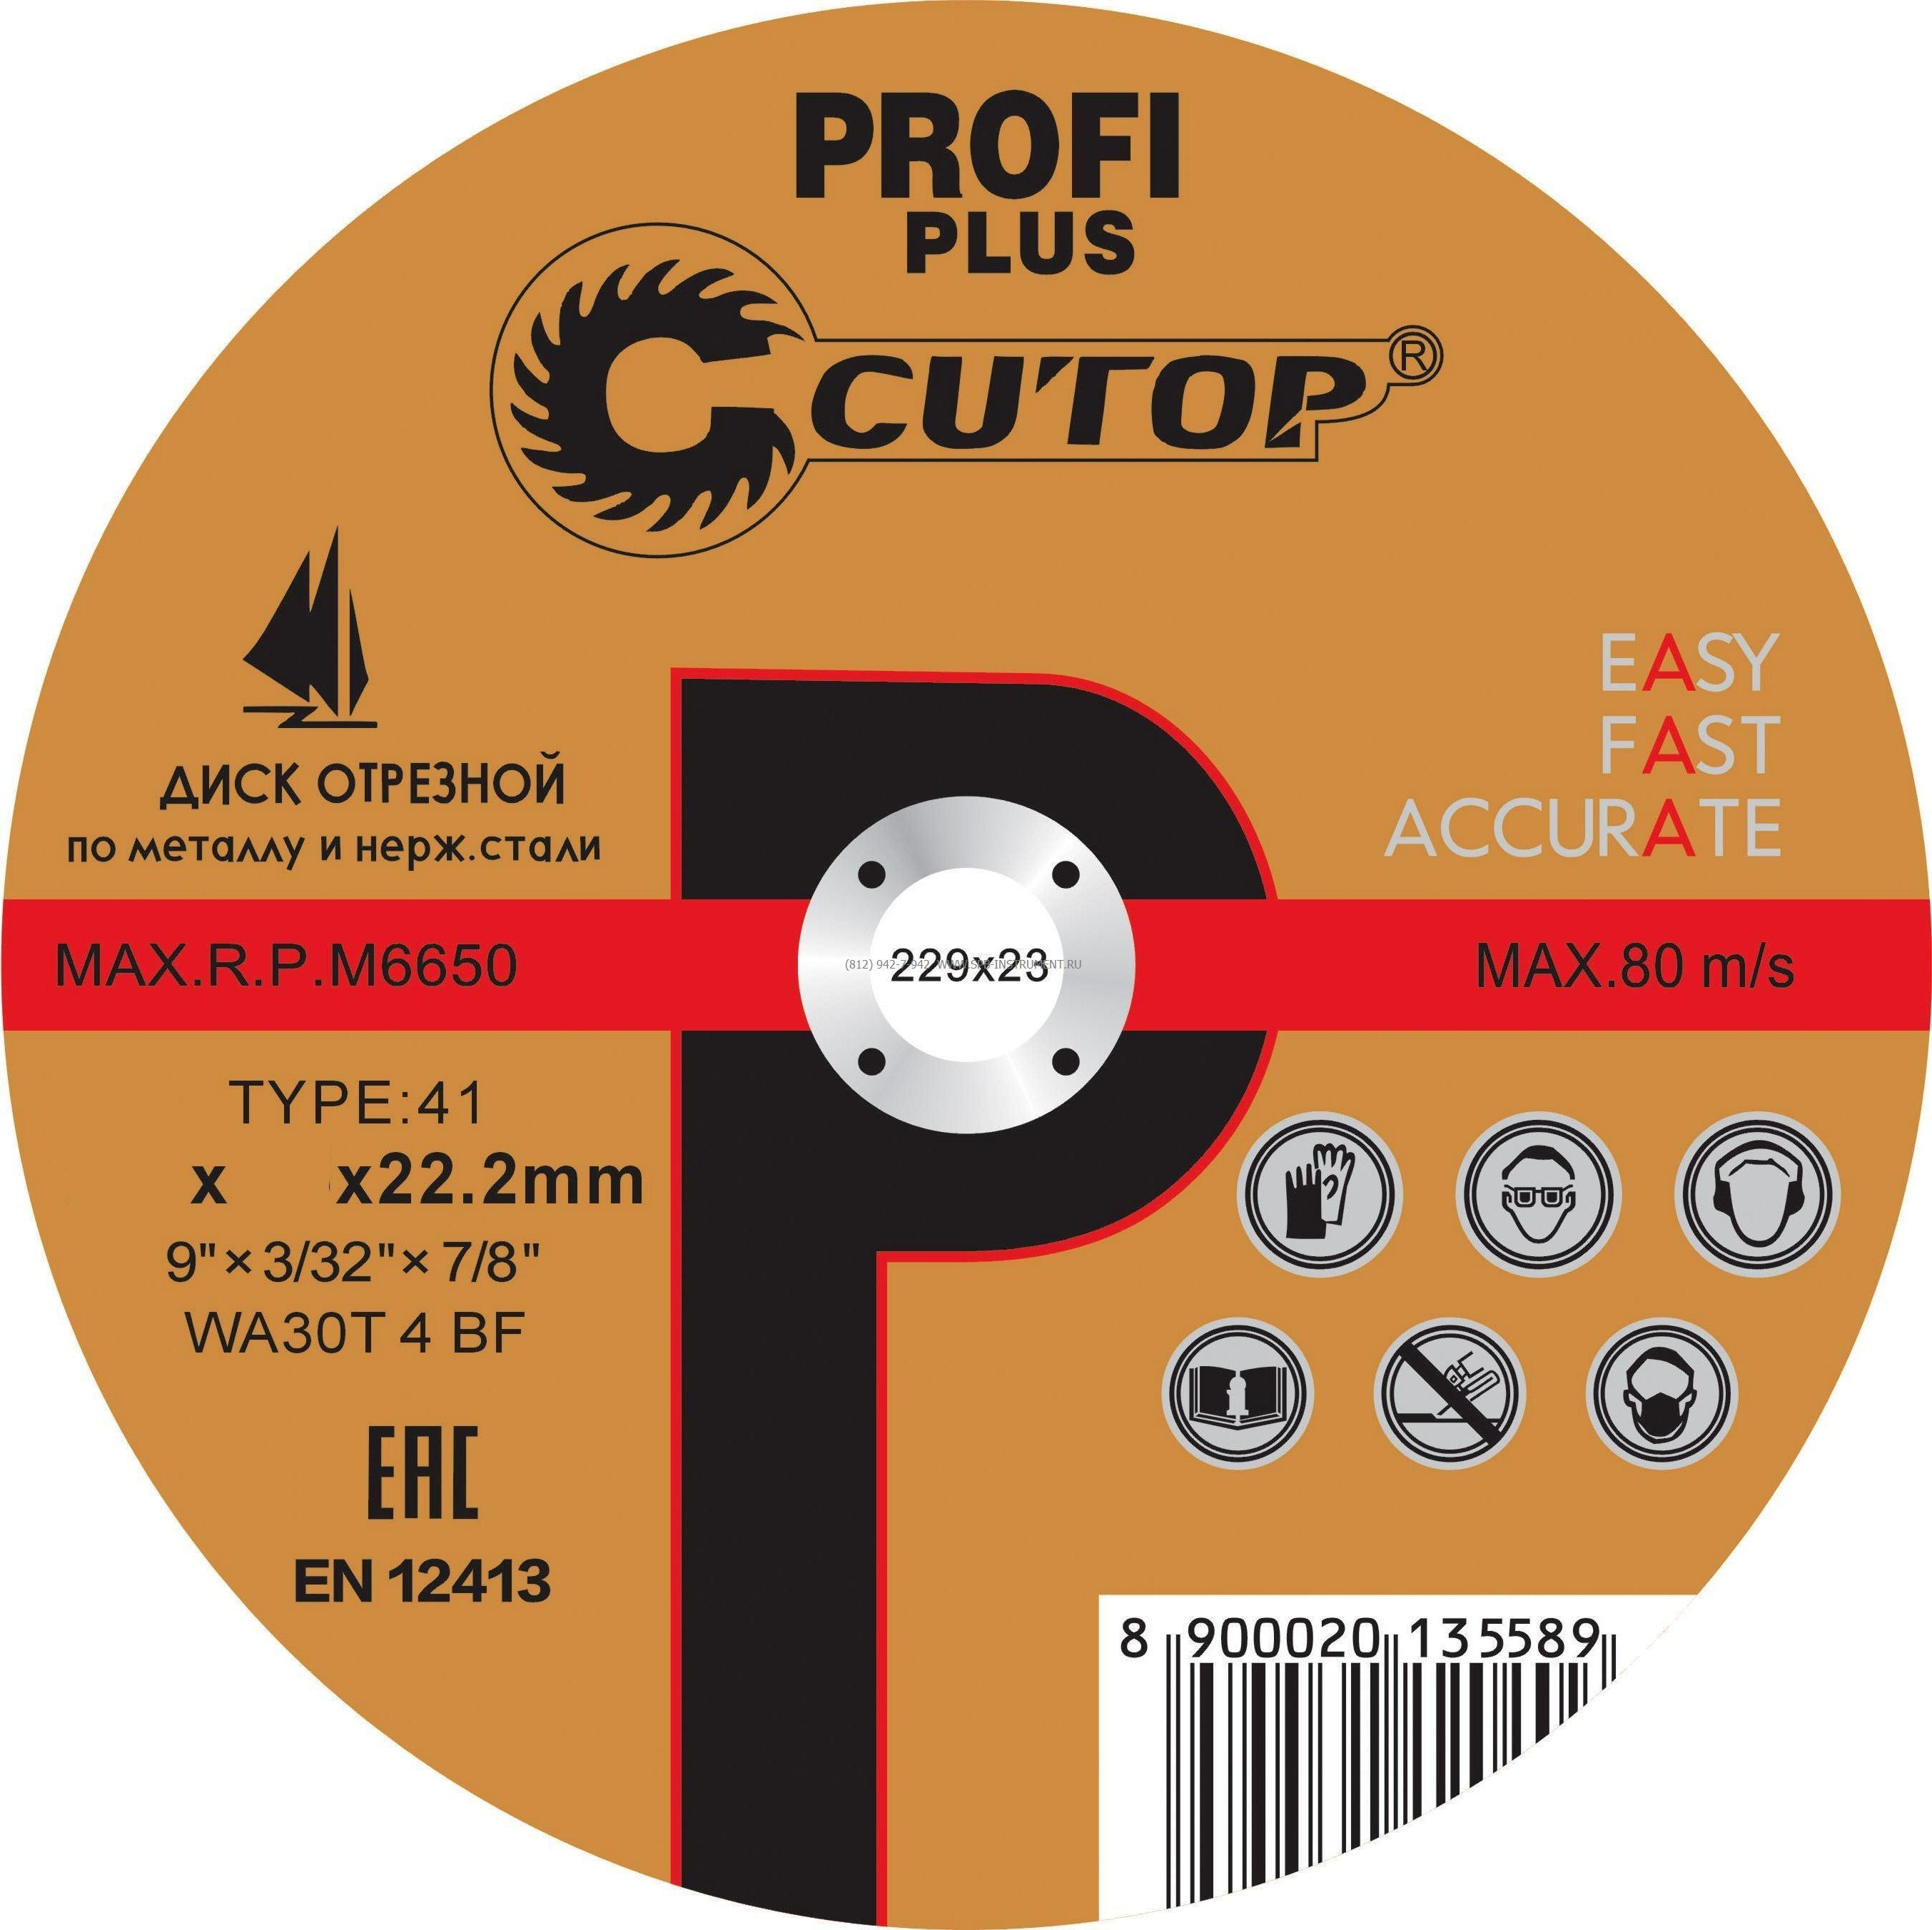 Профессиональный диск отрезной по металлу и нержавеющей стали Т41-125 х 1,0 х 22,2 мм Cutop Profi Plus